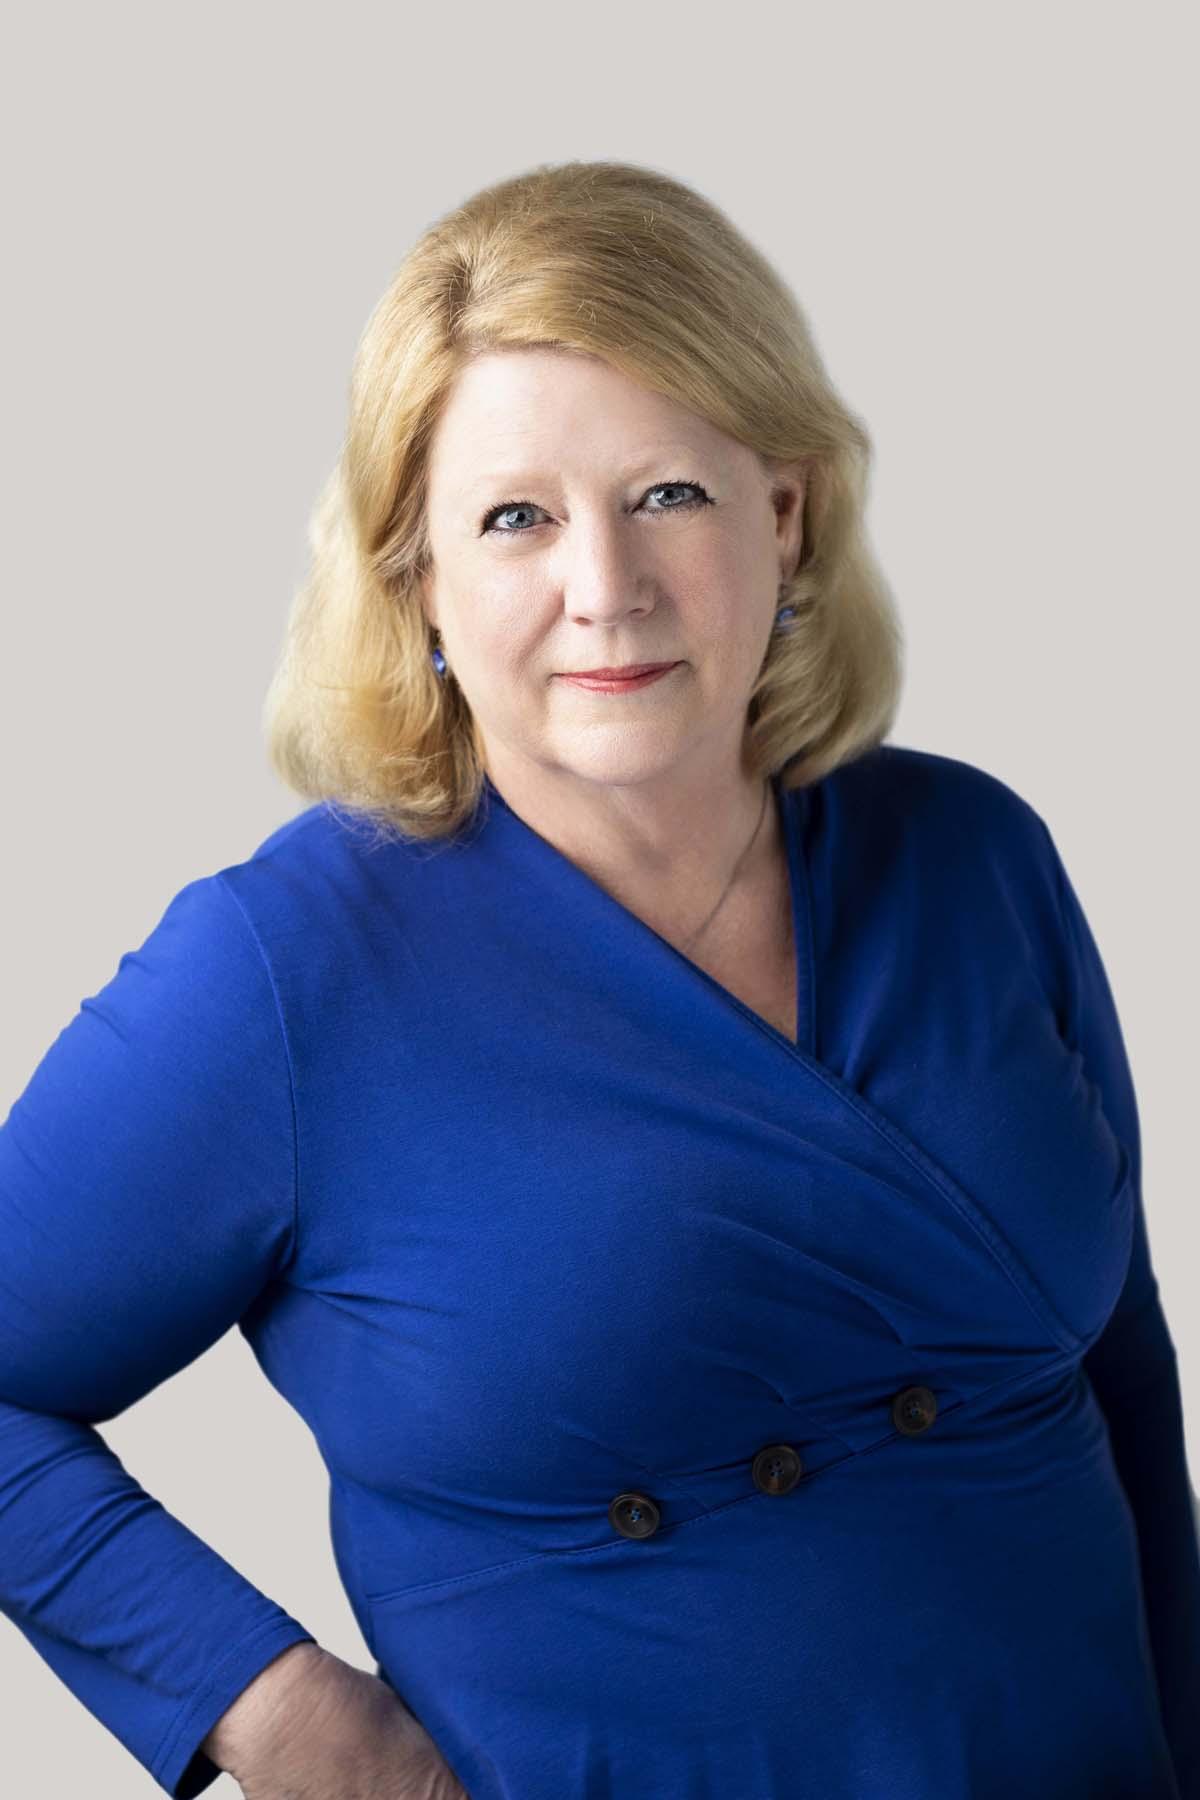 Georganna Geraghty